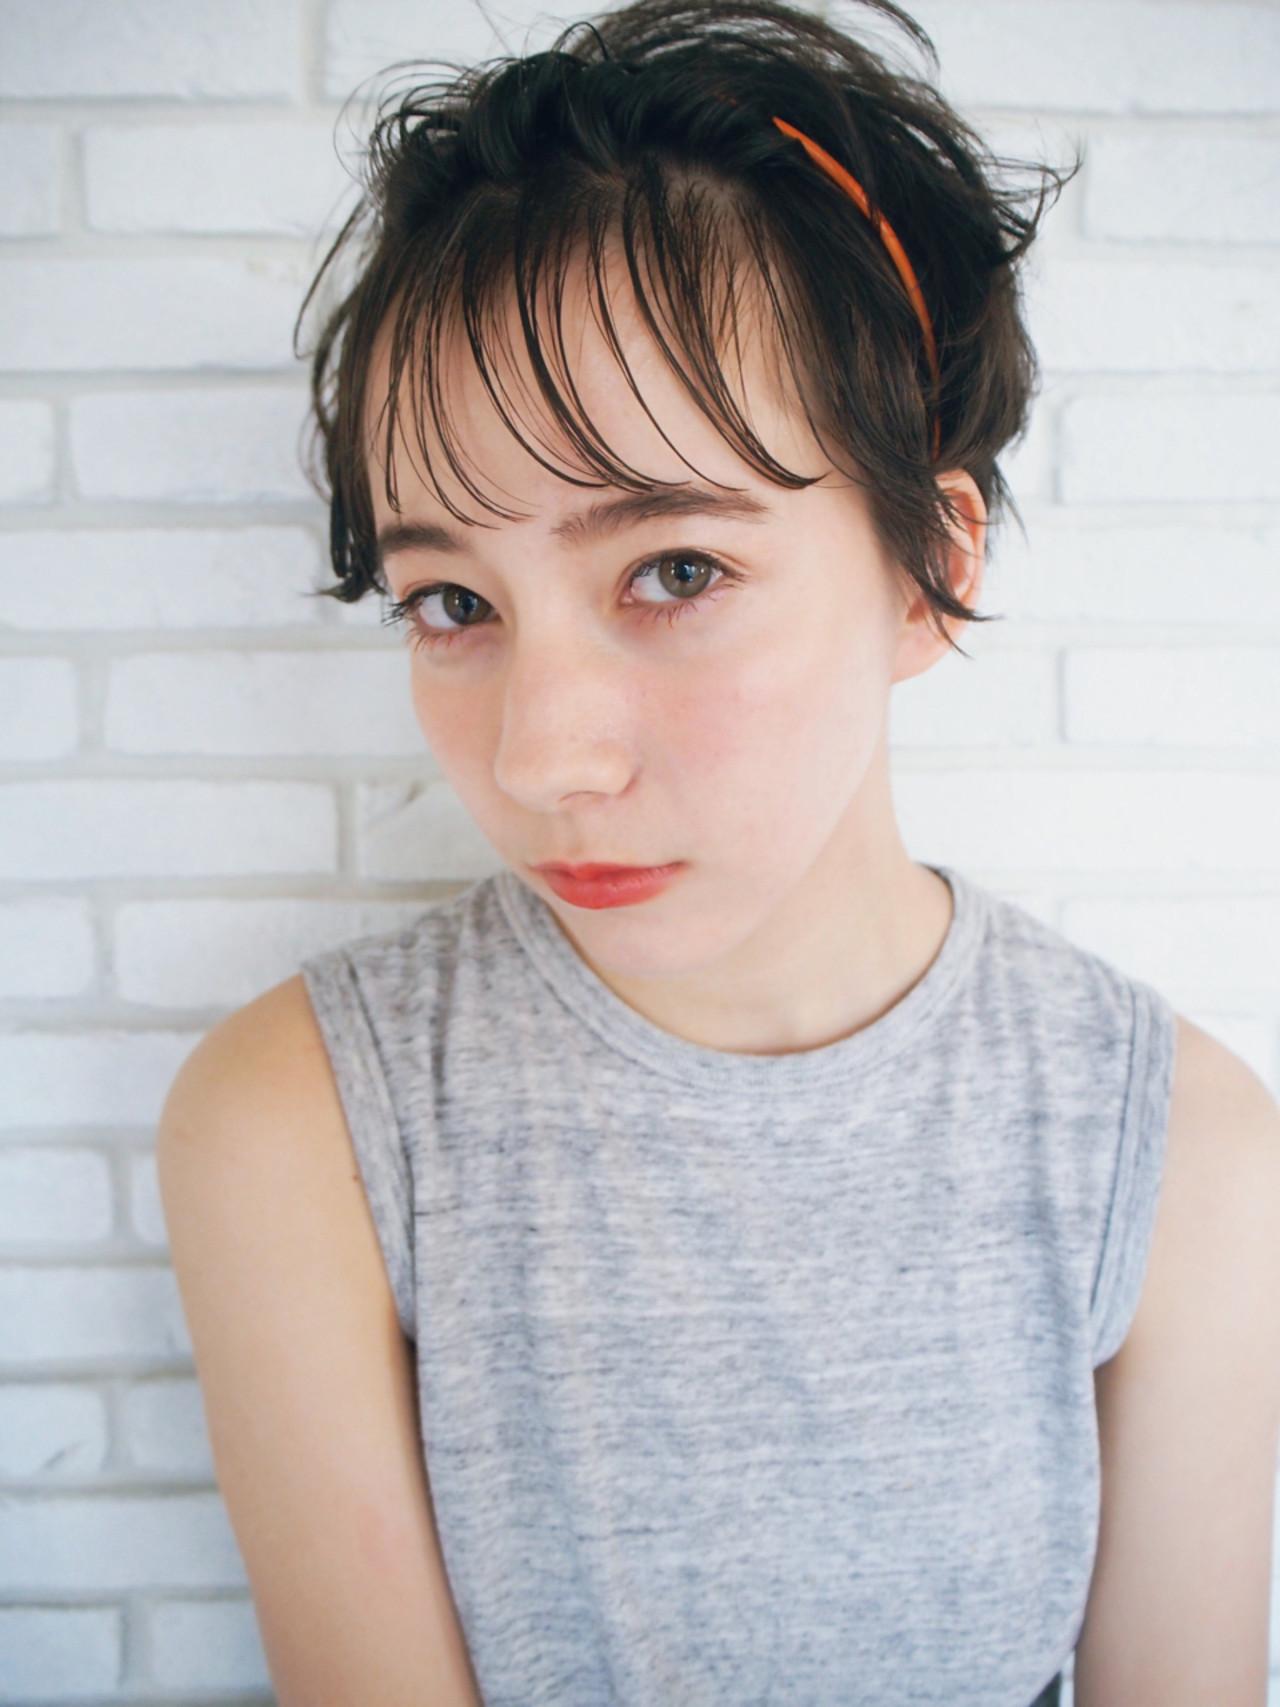 ヘアアレンジ 耳かけ 前髪あり ガーリー ヘアスタイルや髪型の写真・画像 | 一色 さおり / LOAVE AOYAMA(ローブ アオヤマ)